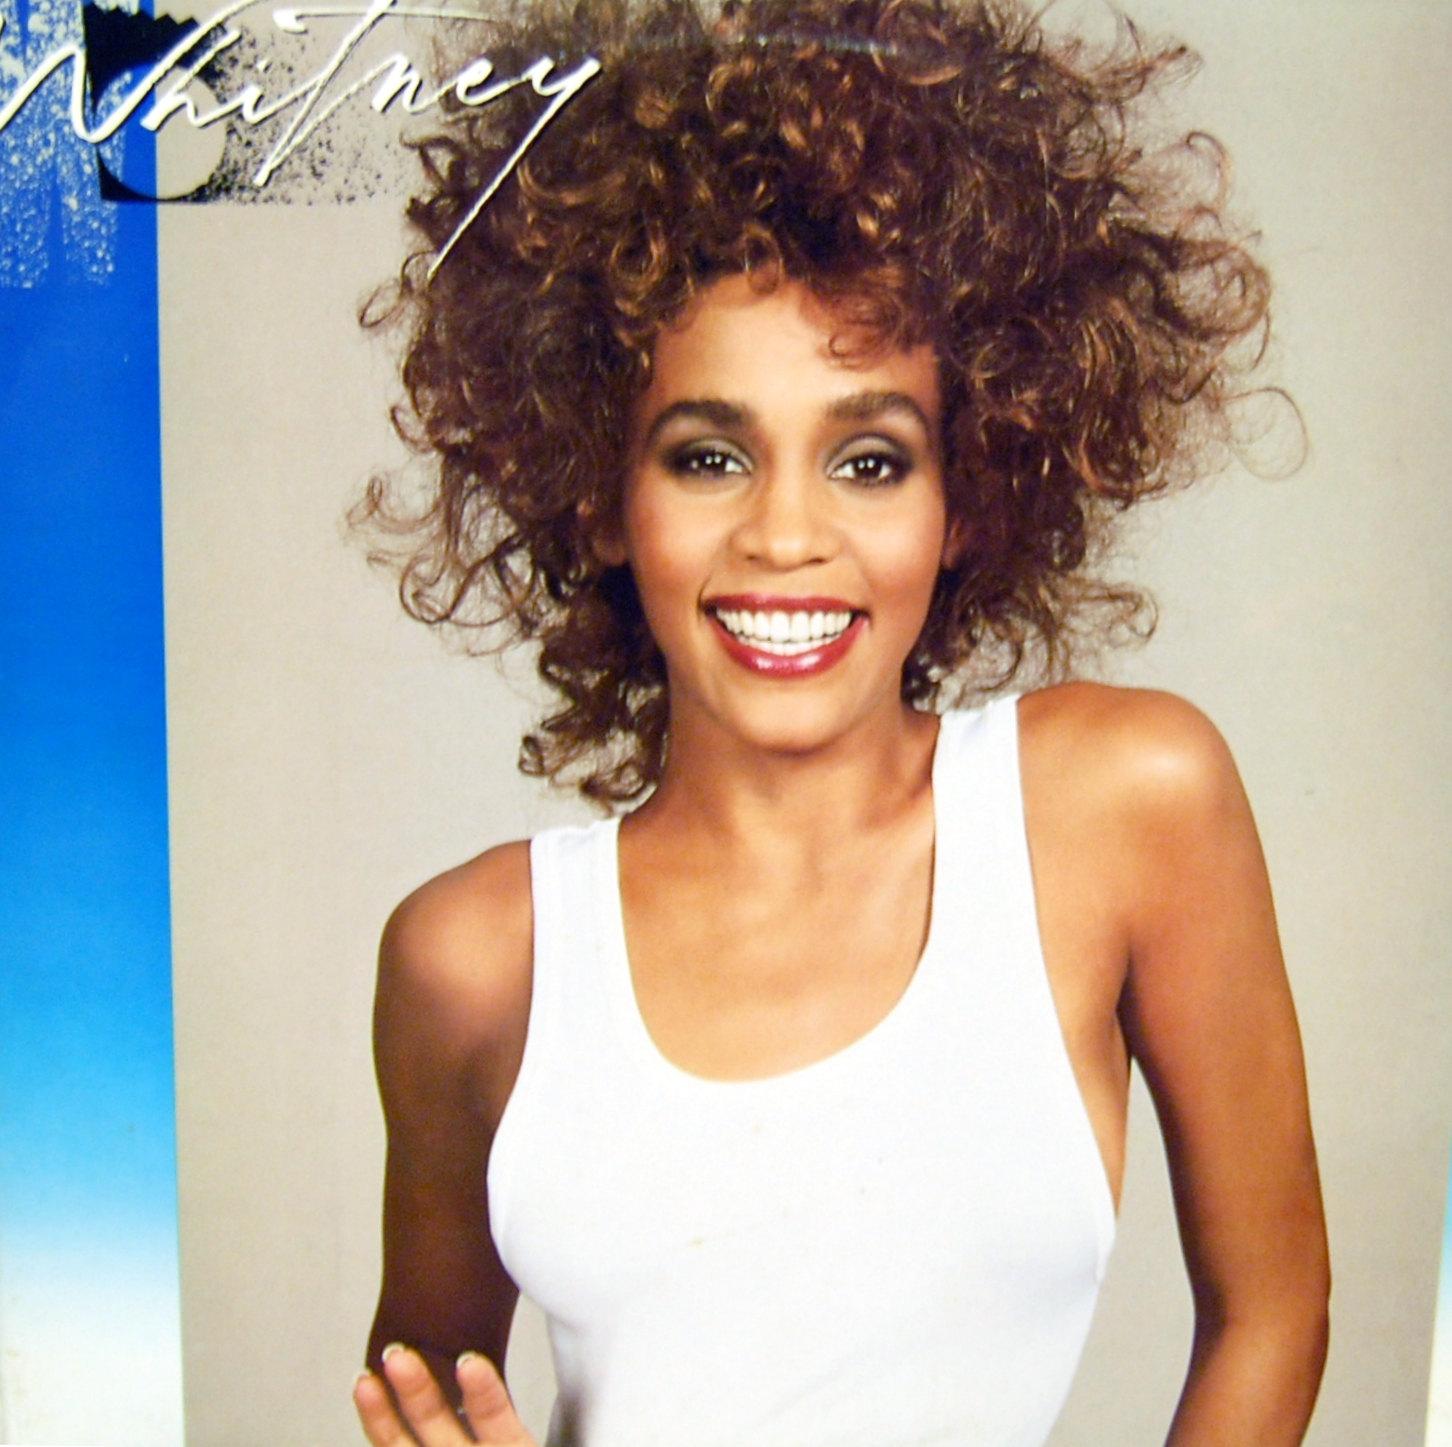 http://4.bp.blogspot.com/-aho27a7odVY/UQQ3rVKRN1I/AAAAAAAACqk/G9j4HiP0HVY/s1600/1987+-+Whitney.jpg